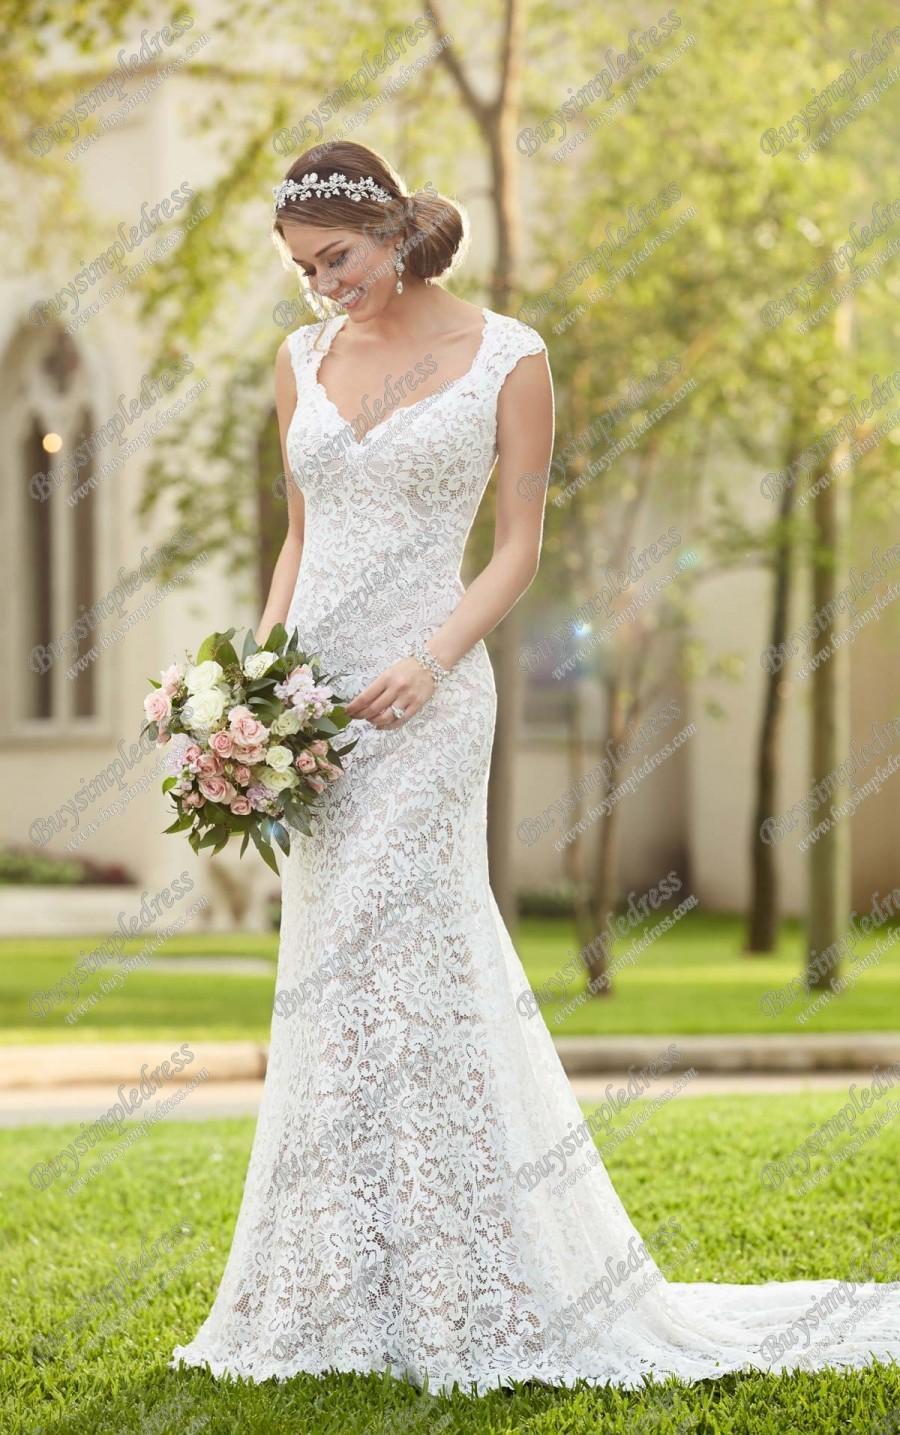 Stella York Wedding Dress Style 6254 #2429970 - Weddbook